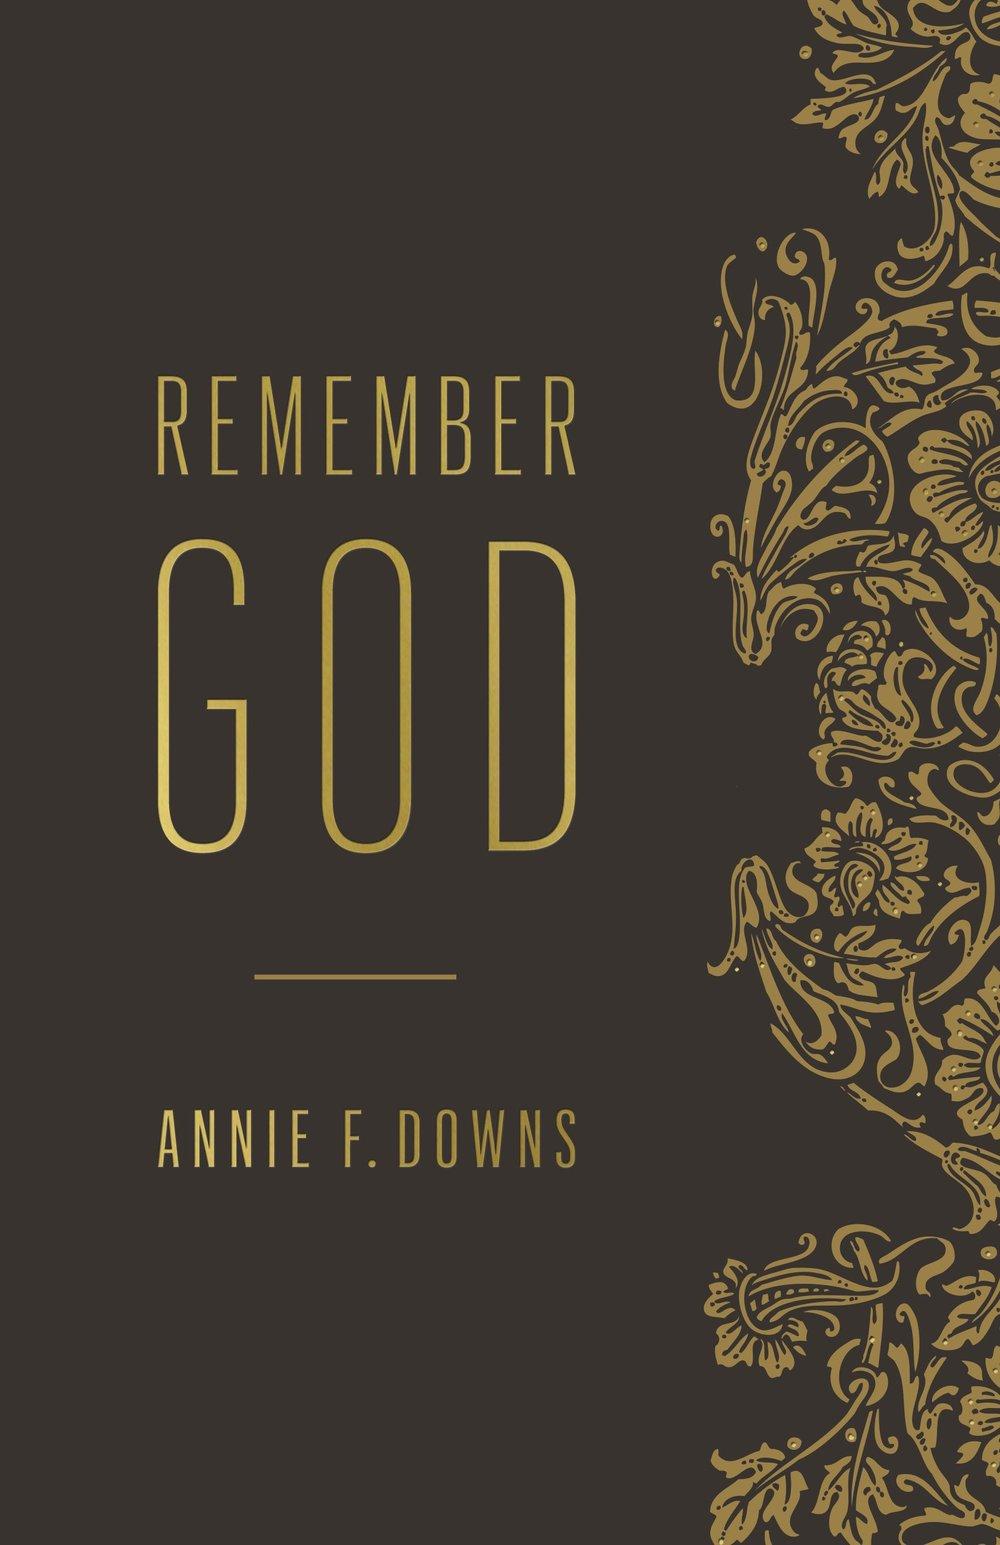 remember-god.jpg